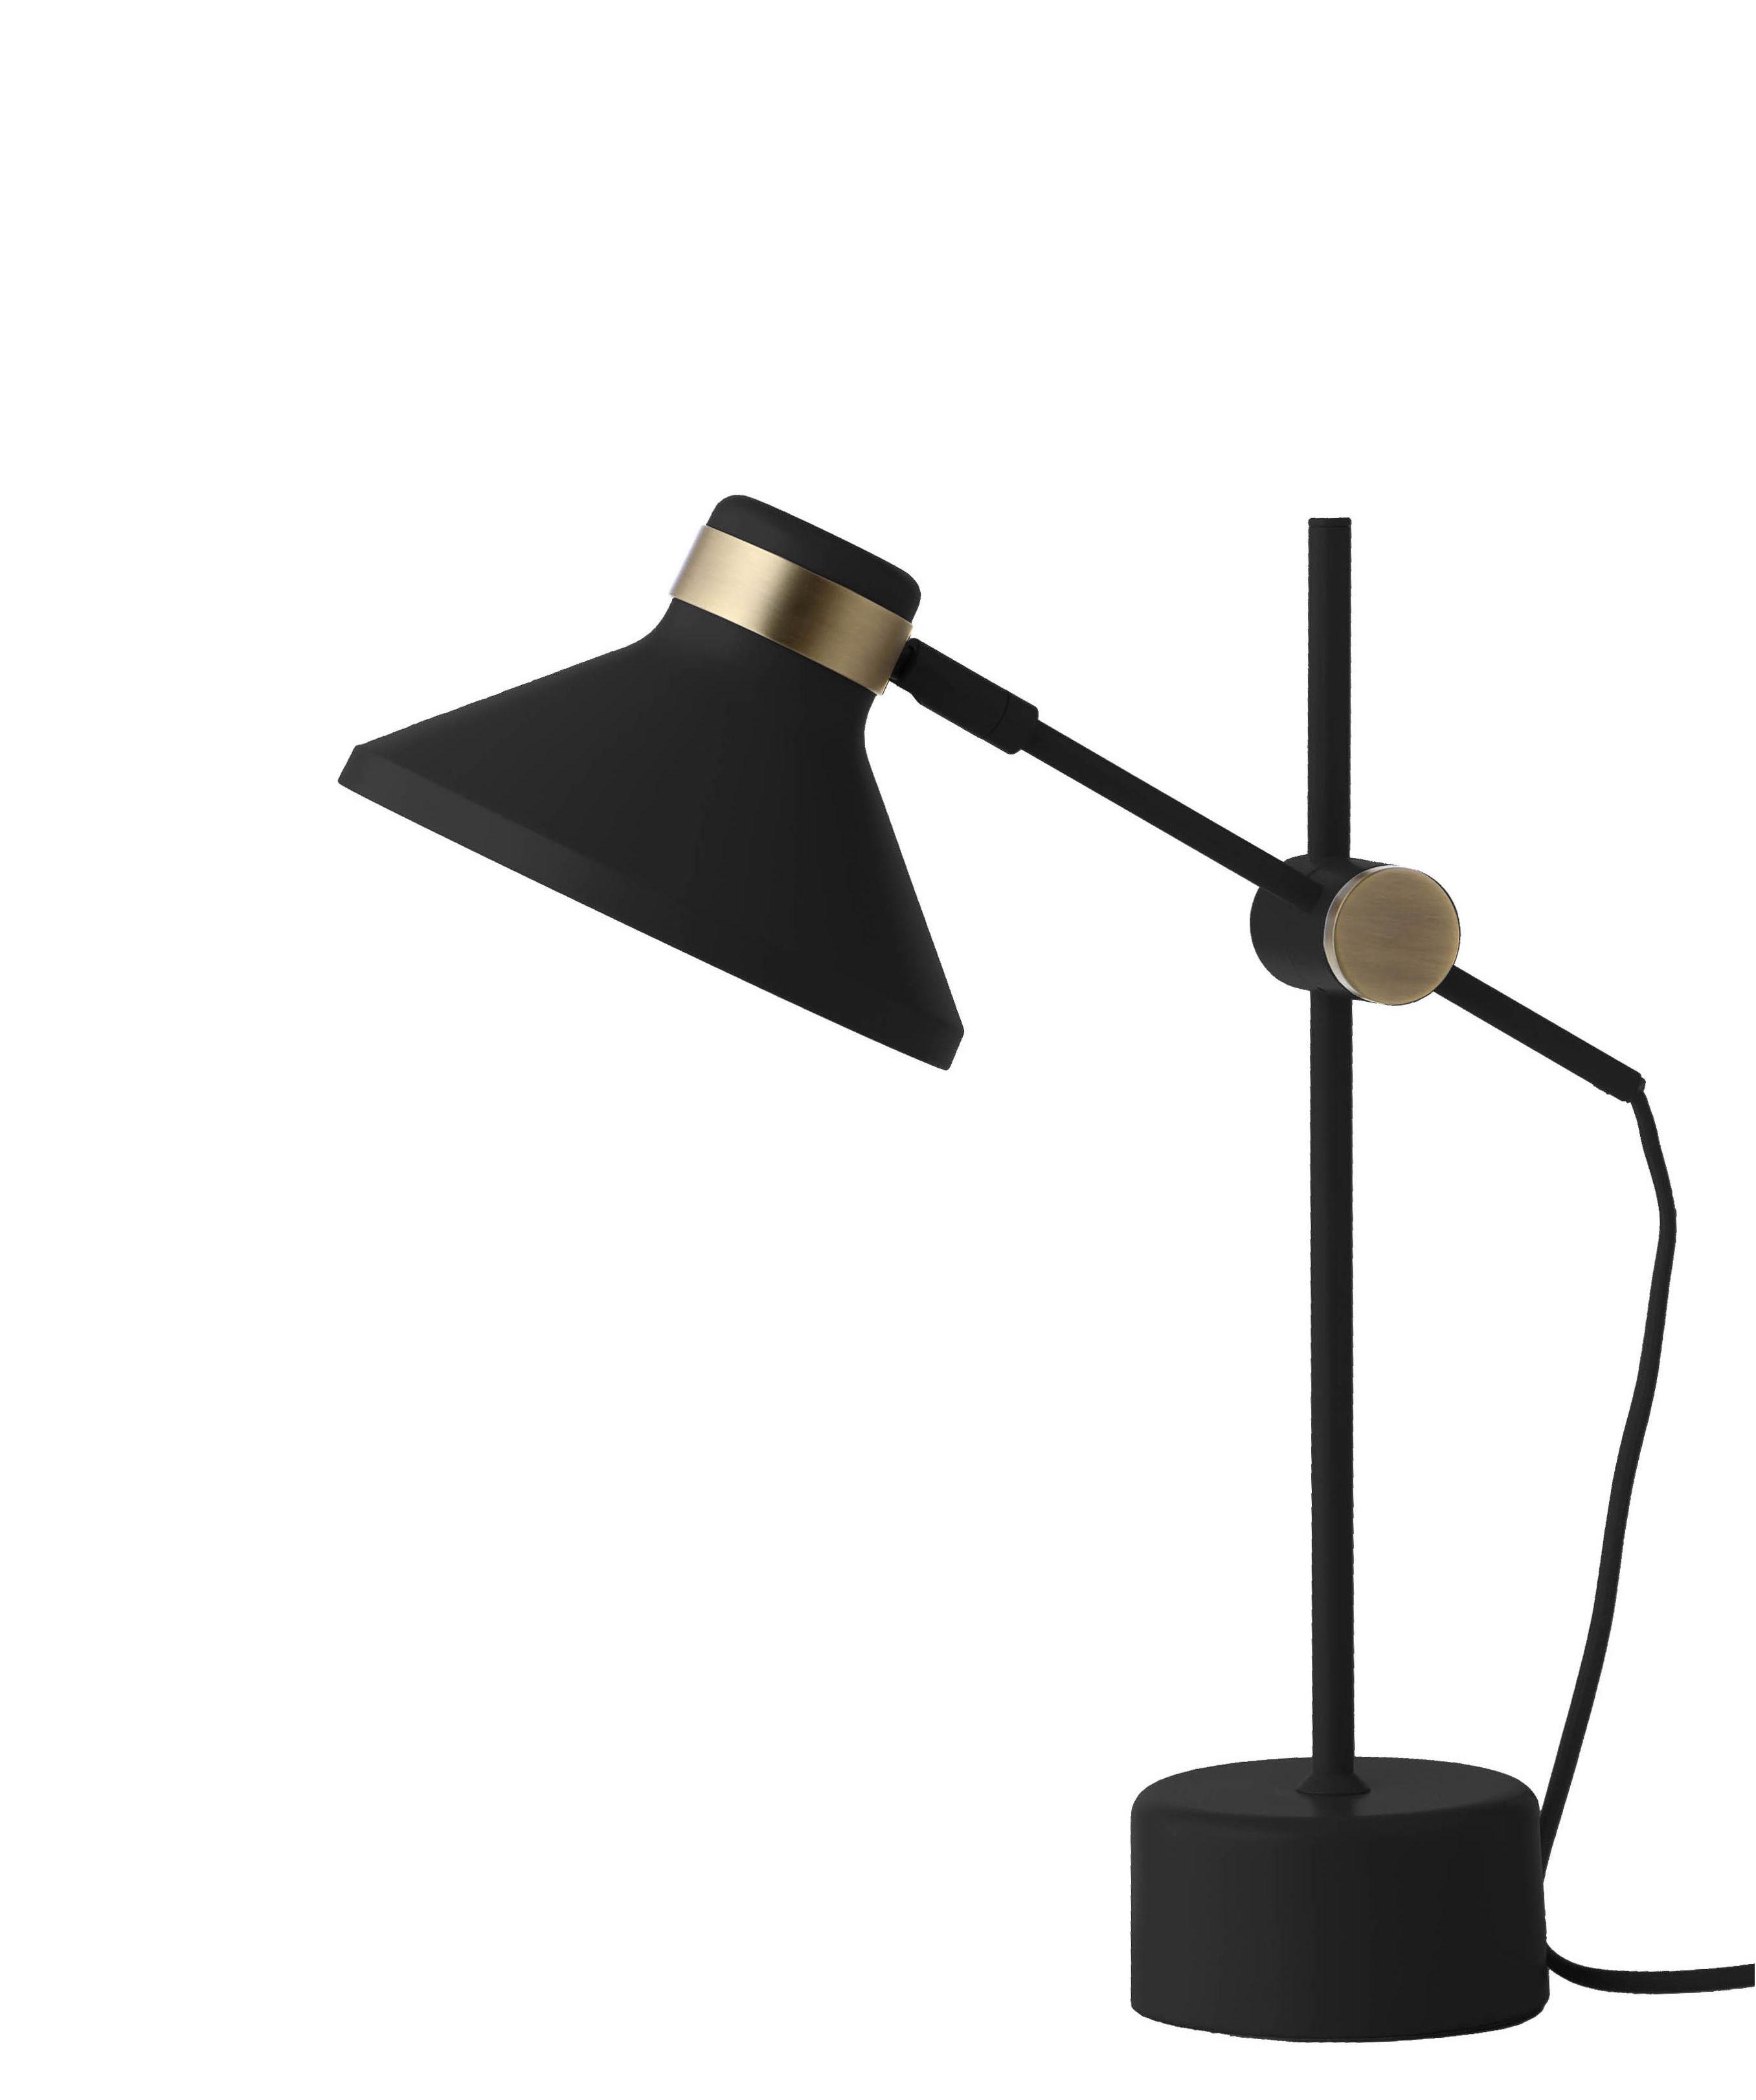 Illuminazione - Lampade da tavolo - Lampada da tavolo Mr di Frandsen - Nero opaco - metallo verniciato